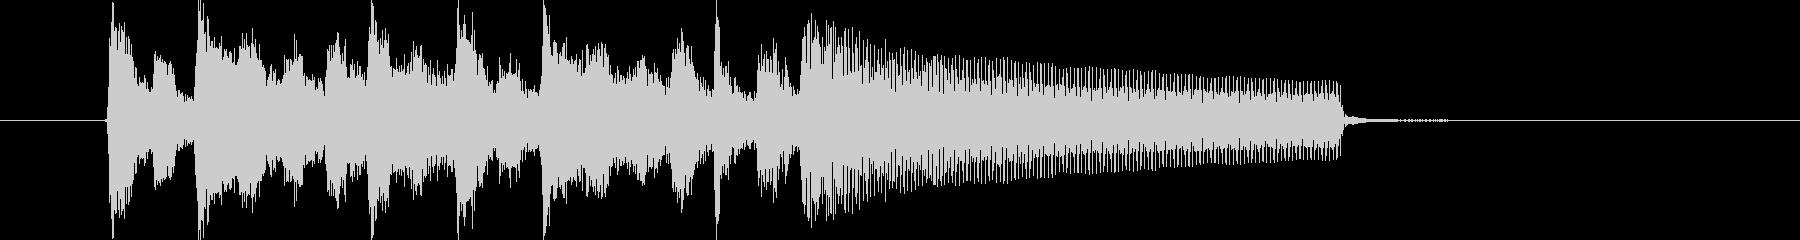 勢いあるリズミカルなピアノジングルの未再生の波形